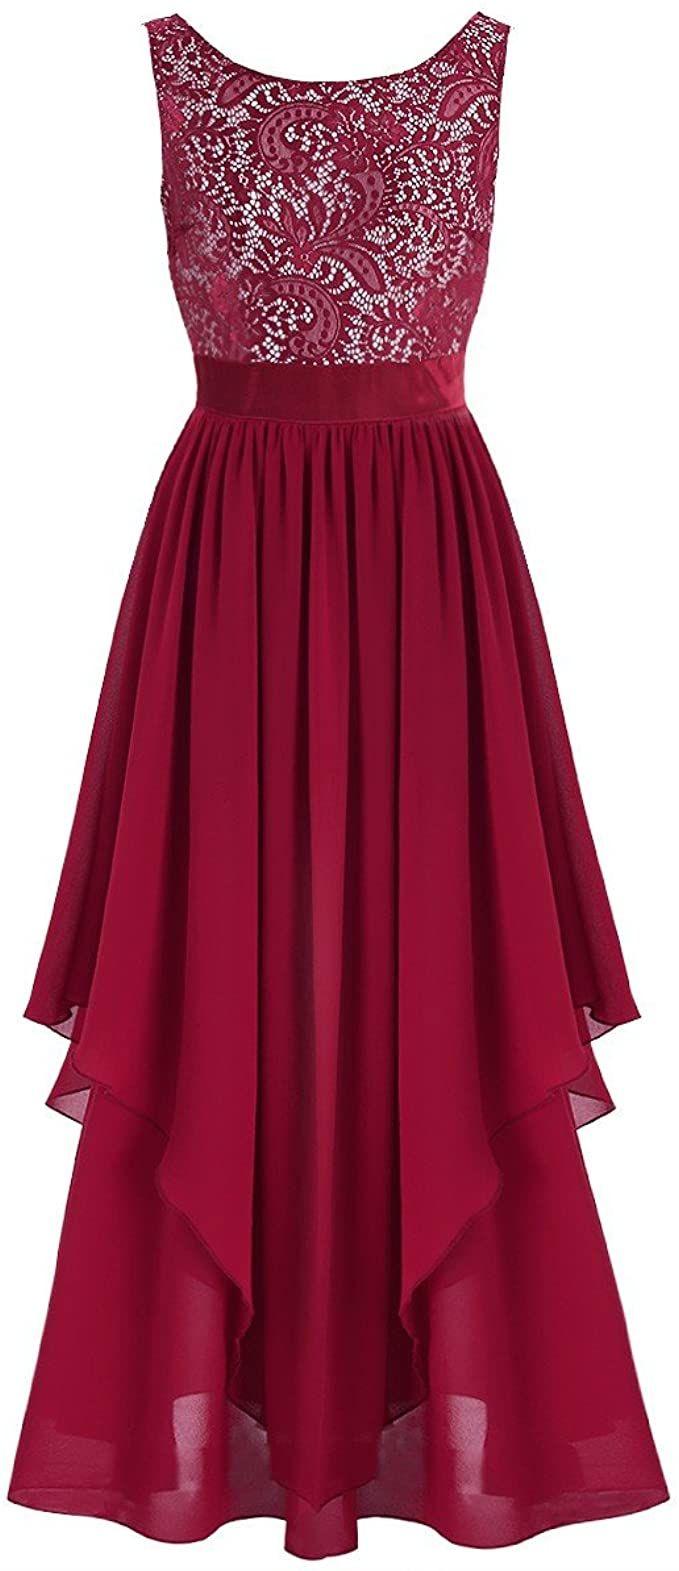 damen kleider lang in 2020 | kleider damen, abendkleid